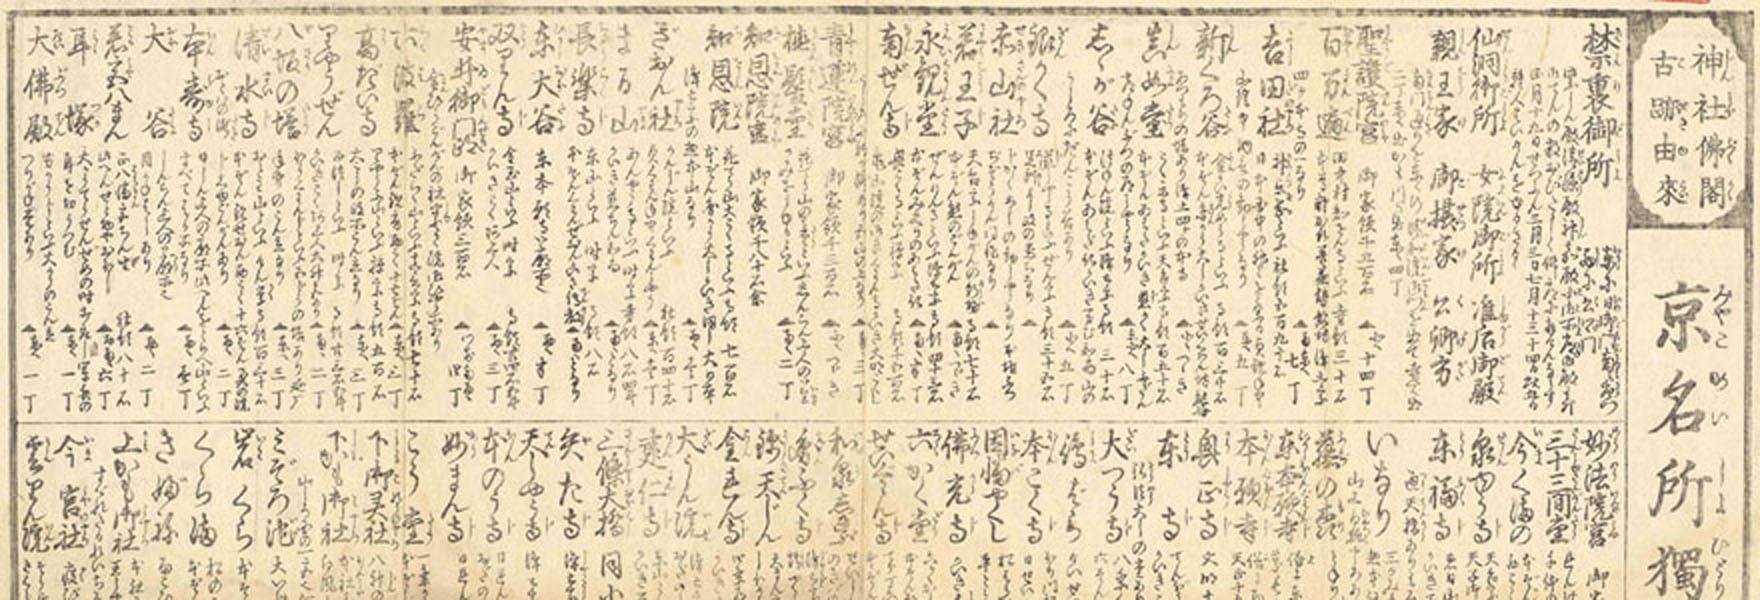 .[平安京御繪圖 : 并ニ名所ひとり案内].